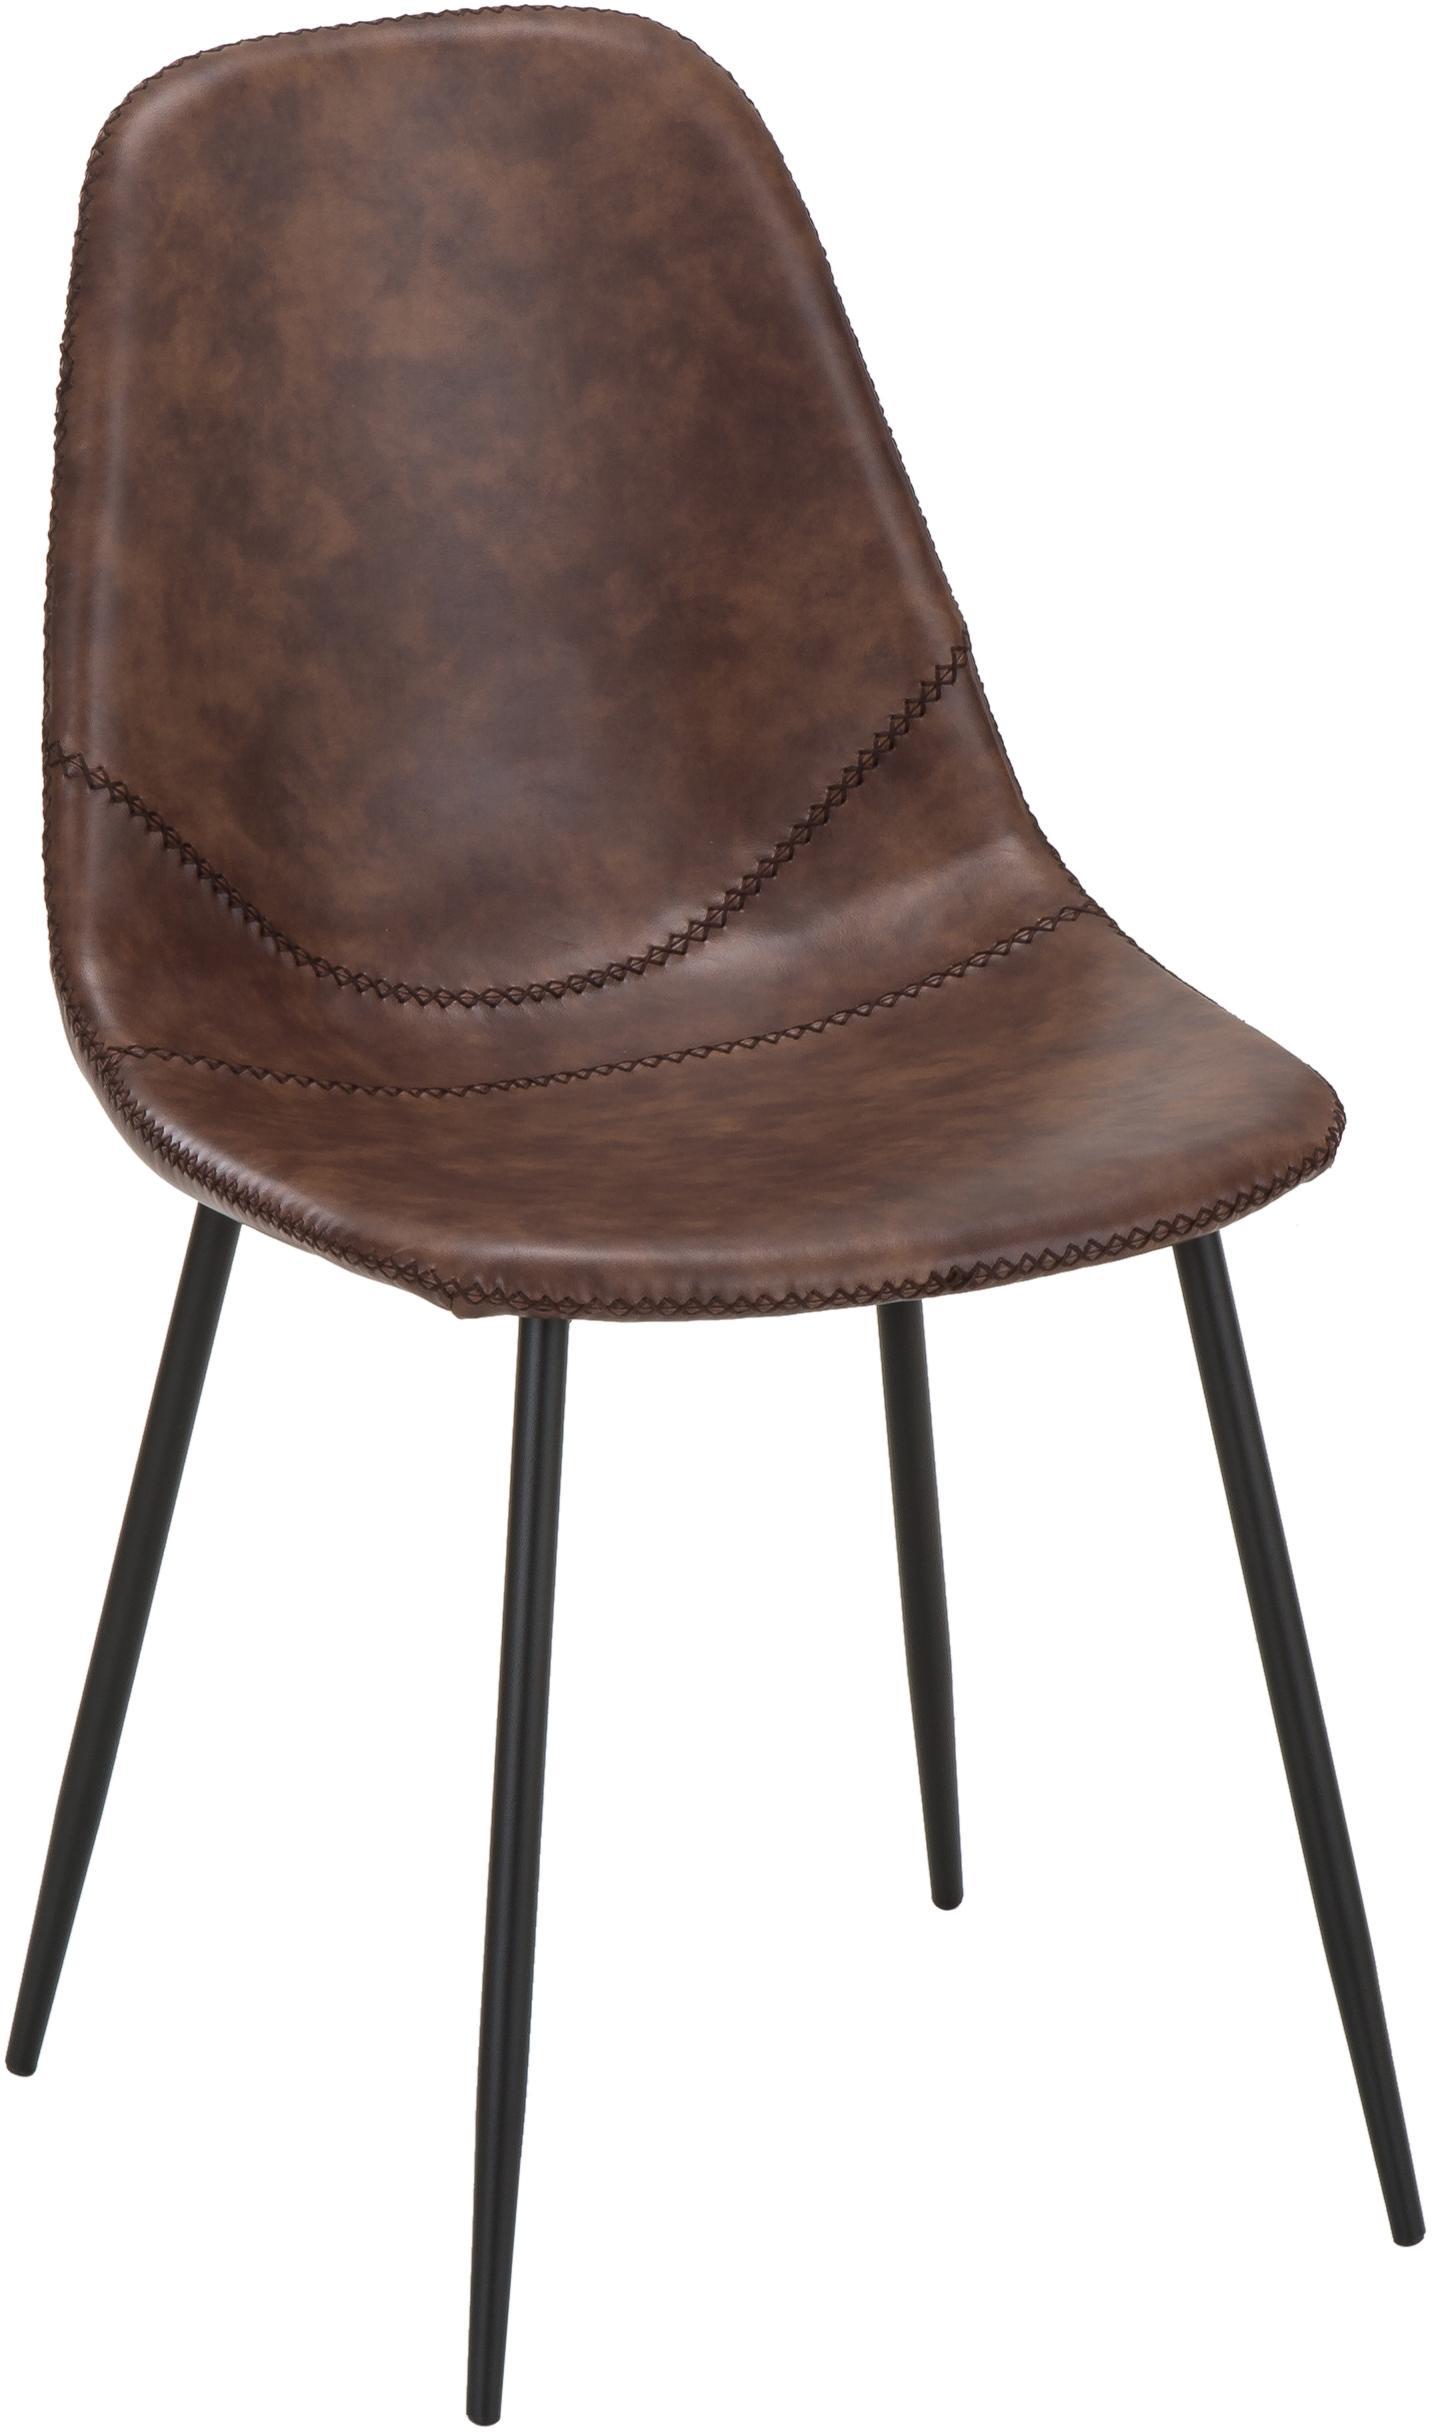 Sillas tapizadas en cuero sintético Linus, 2uds., Tapizado: cuero sintético (65%poli, Patas: metal, pintura en polvo, Marrón, negro, An 41 x F 53 cm